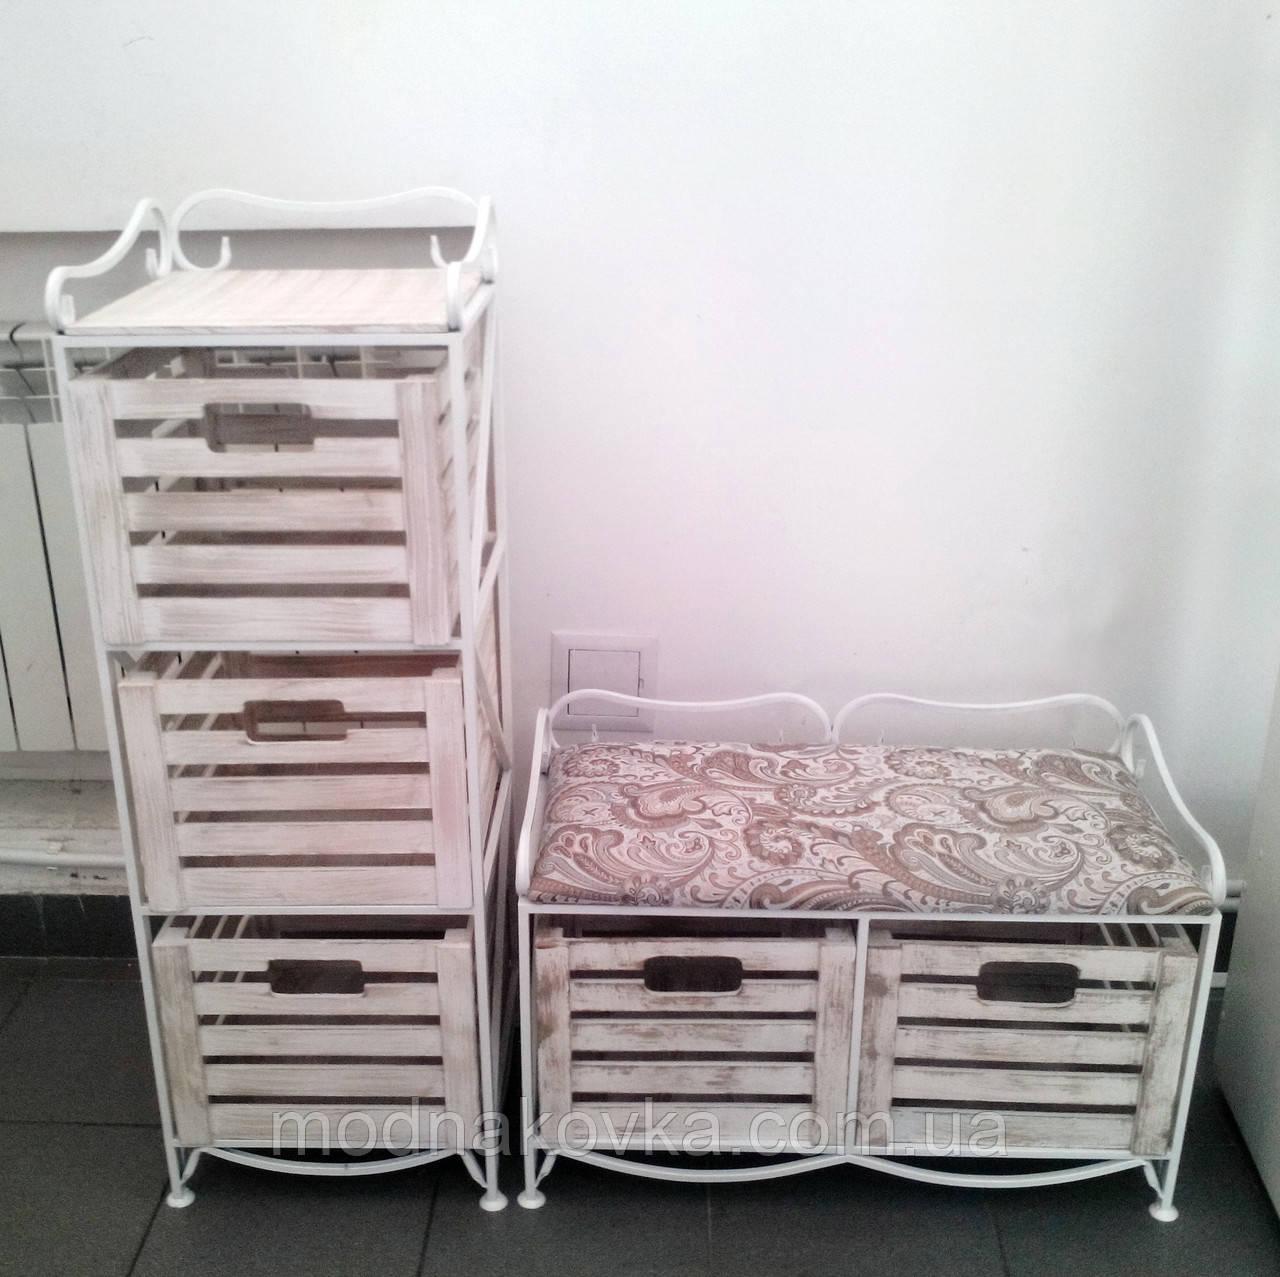 Диван-этажерка лавка кованая с 2 ящиками, белая